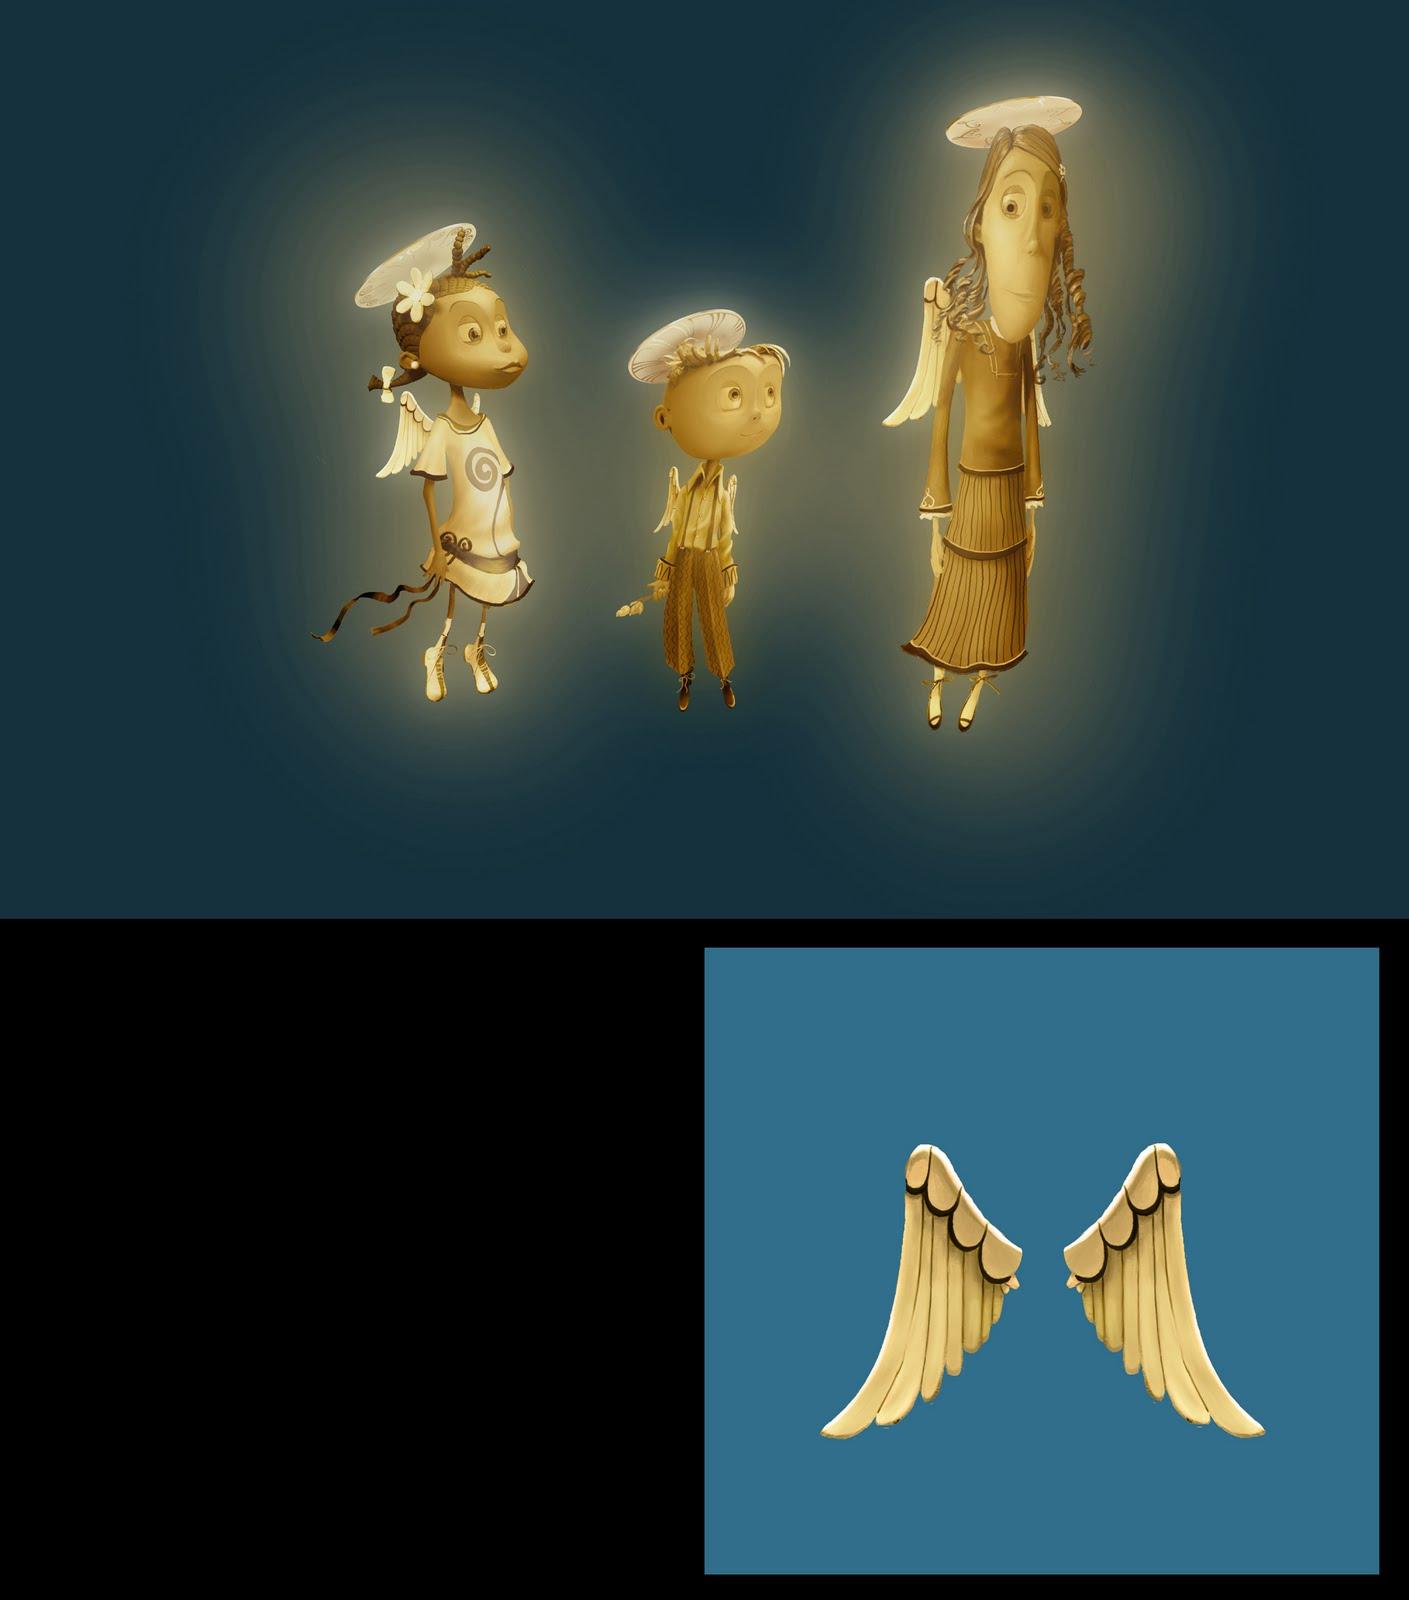 coraline-concept-art-character-design-200935.jpg